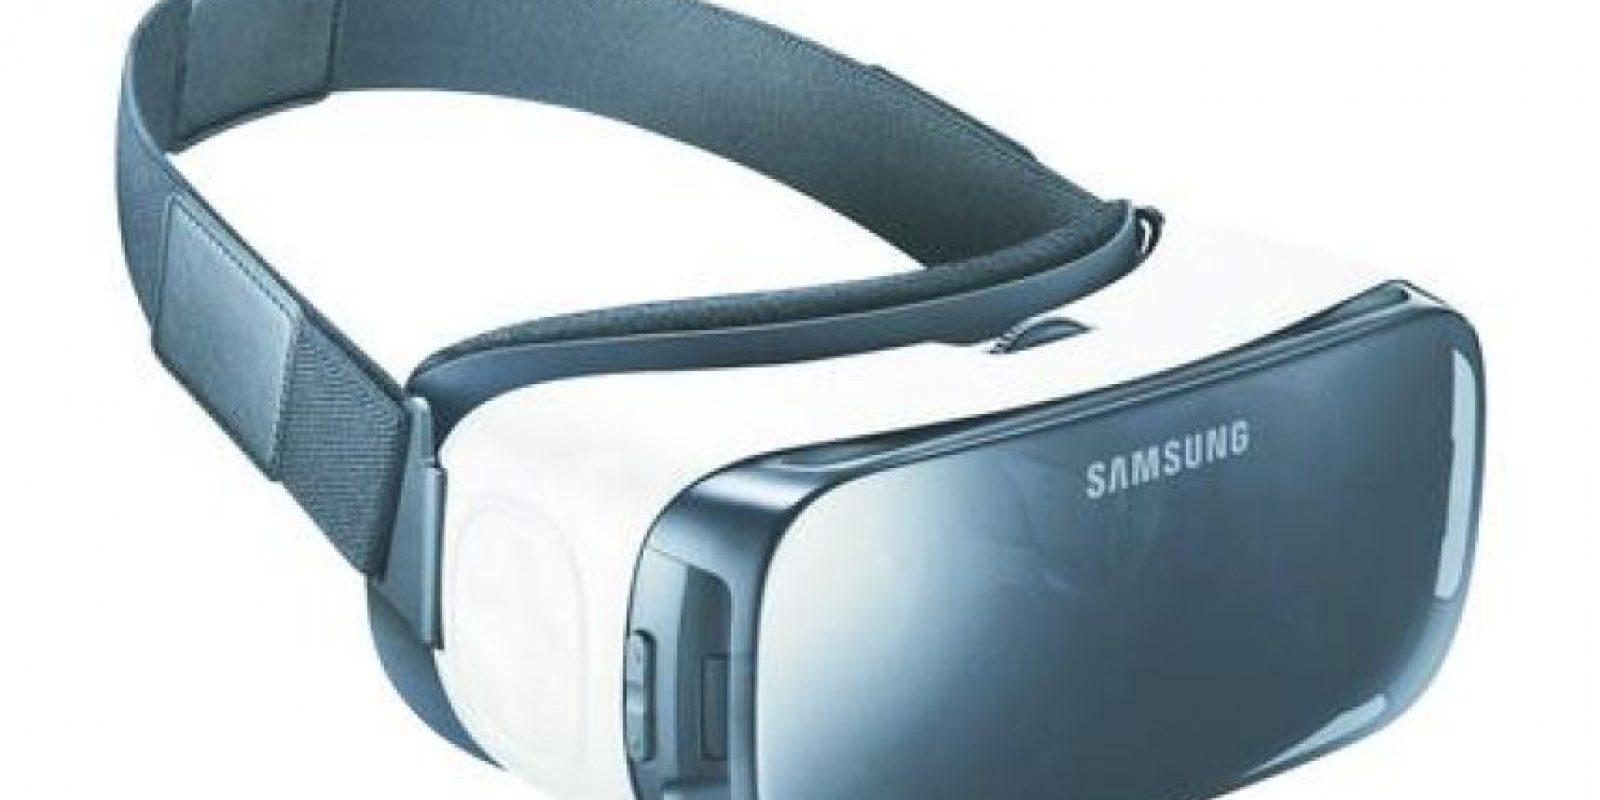 2- Gear VR: papá amante de la diversión. Si tu papá es uno de ellos, ahora puede experimentar un nuevo universo de realidad virtual que ofrece el innovador dispositivo Gear VR. Este accesorio puede utilizarse con los últimos celulares de Samsung.La plataforma virtual que da soporte a este elemento permite acceso a una gran variedad de contenidos y experiencias que llevarán a su padre a un sinfín de escenarios en los que podrá experimentar las más emocionantes aventuras, videos, juegos y películas en una nueva dimensión. Foto:Fuente externa